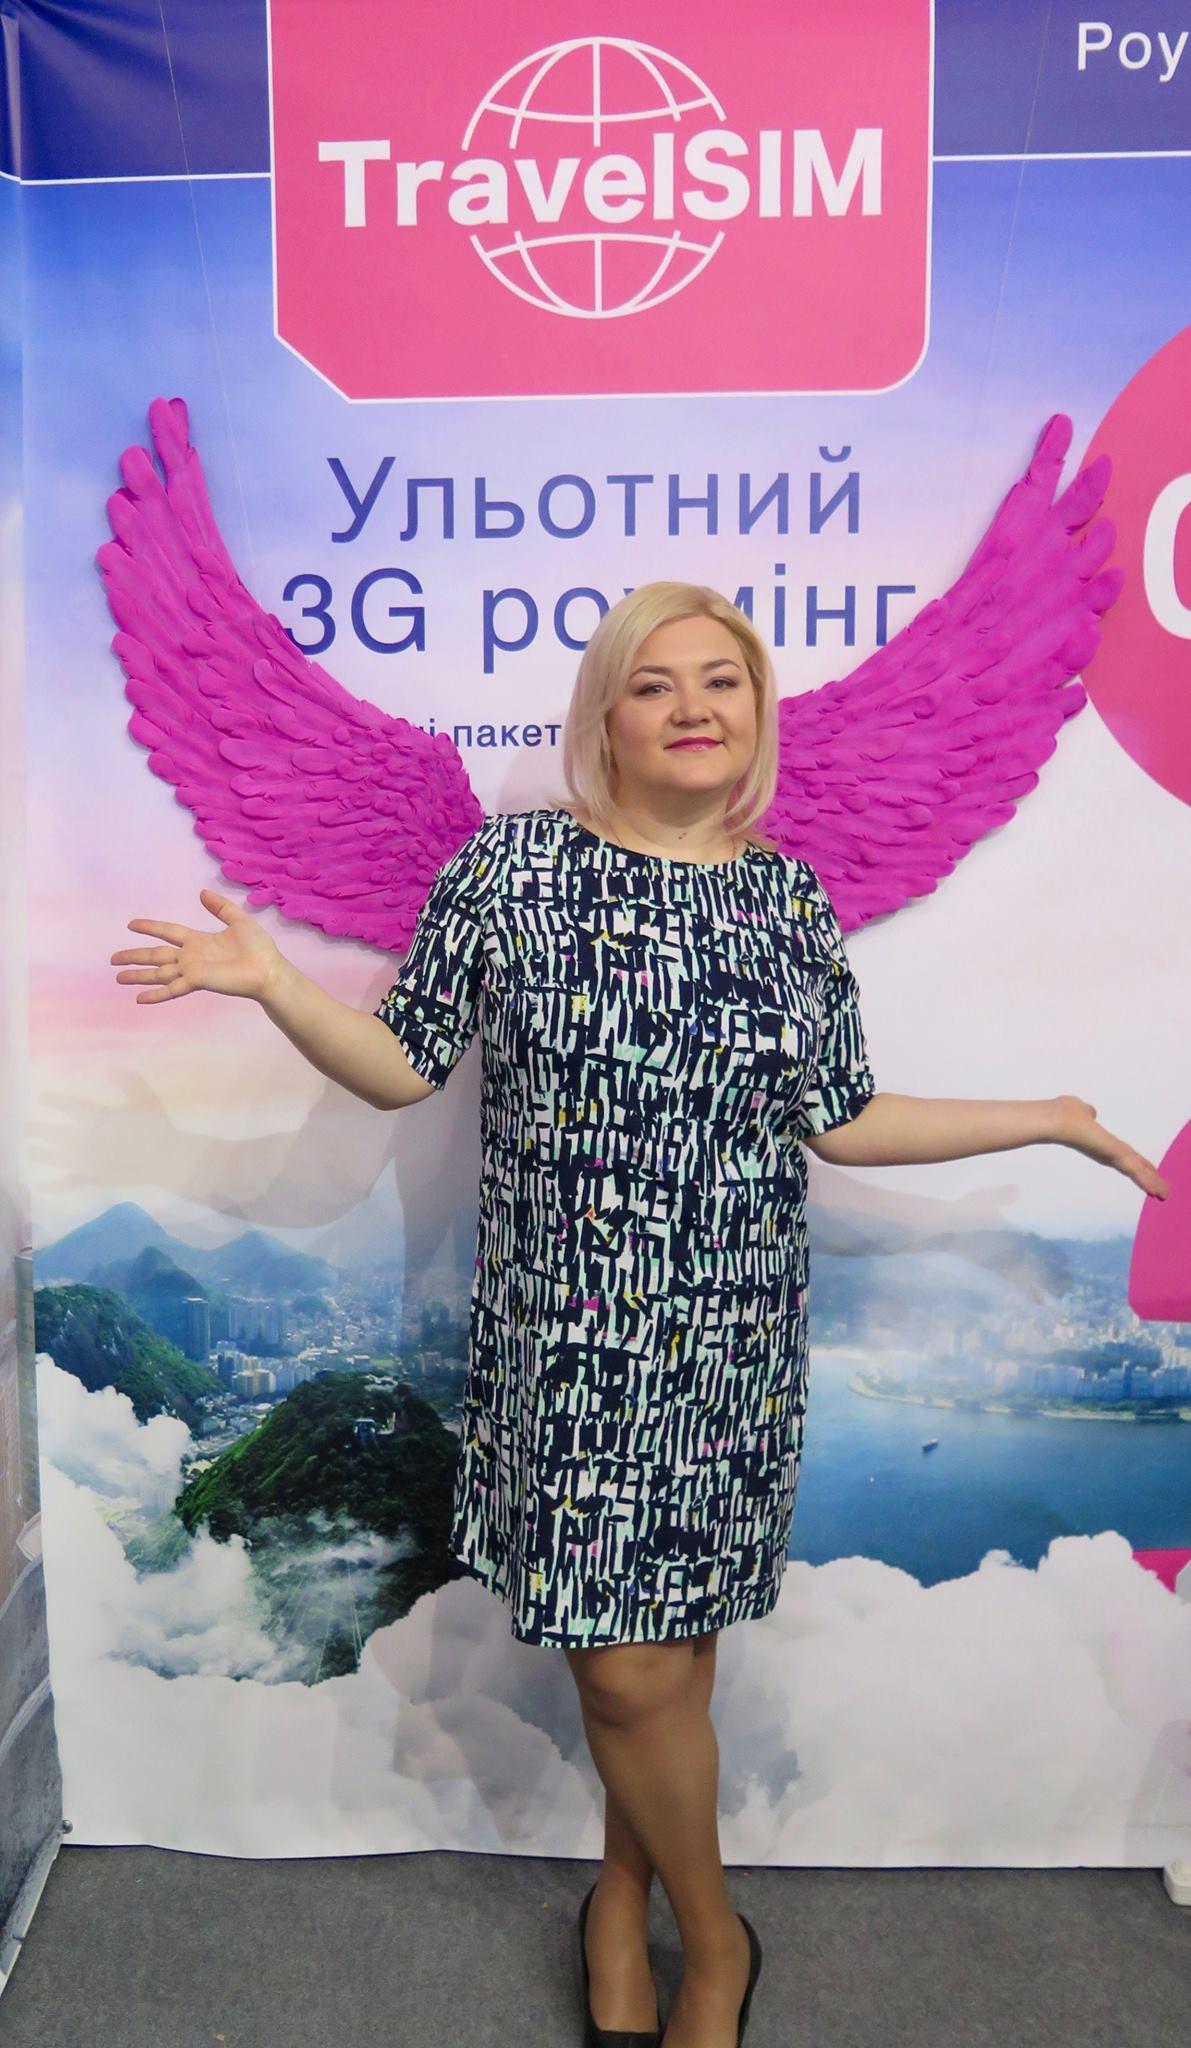 Наталі Яструбинська, керівник проекту ТревелСім Україна